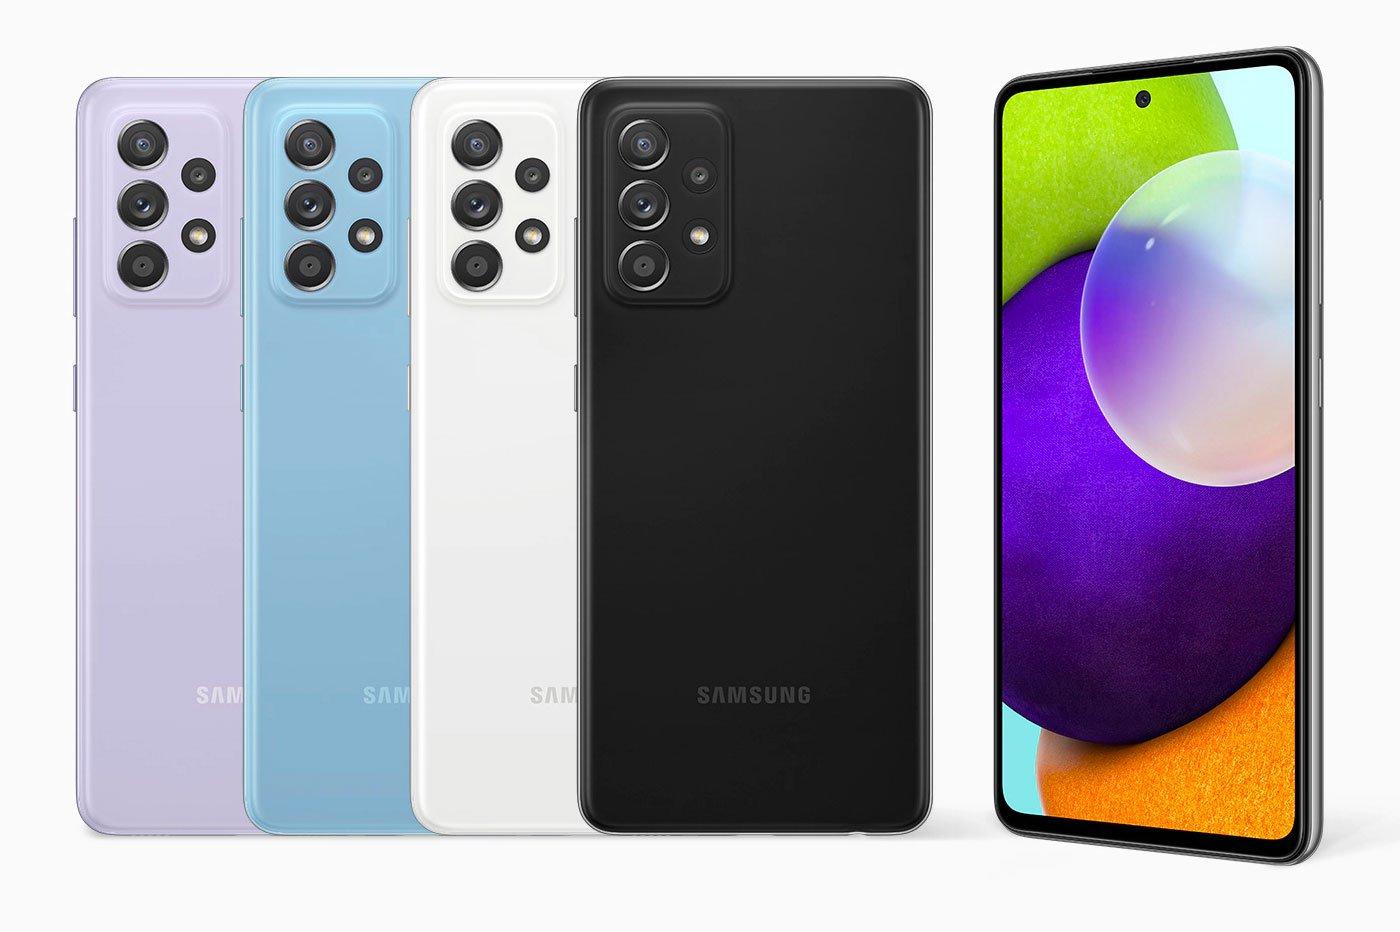 Еще один мощный корейский смартфон на средний бюджет: Snapdragon 750G, 8/128 ГБ, зарядка 25 Вт